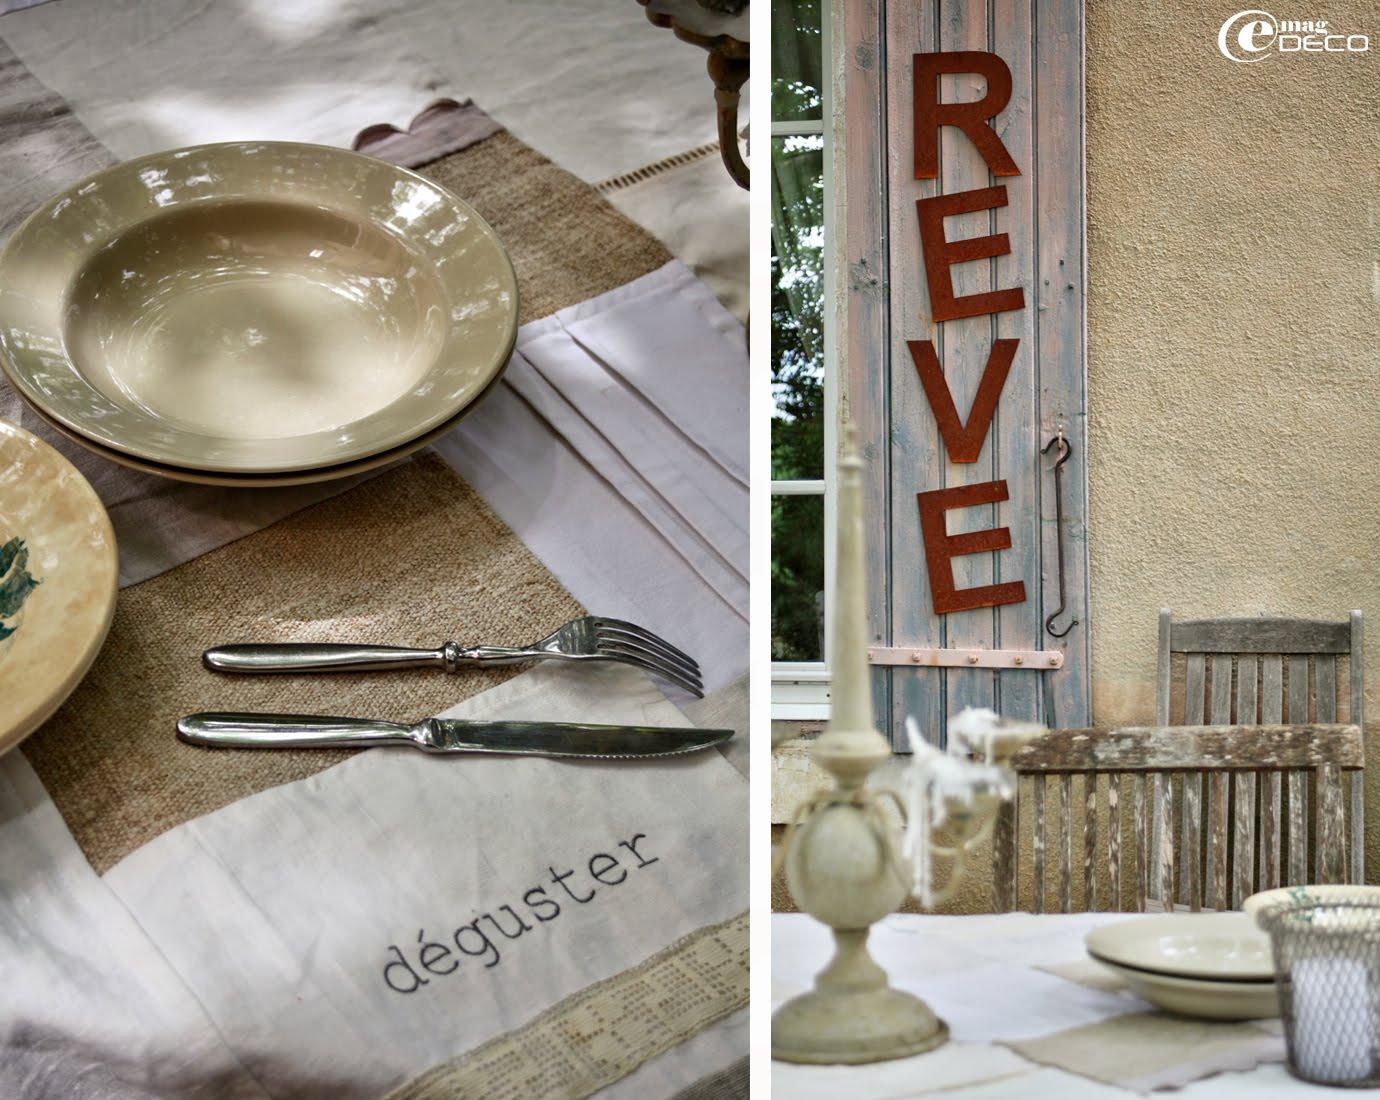 Set de table en patchwork de chanvre, lin, dentelle ancienne et vieux draps, création Les toiles de l'une